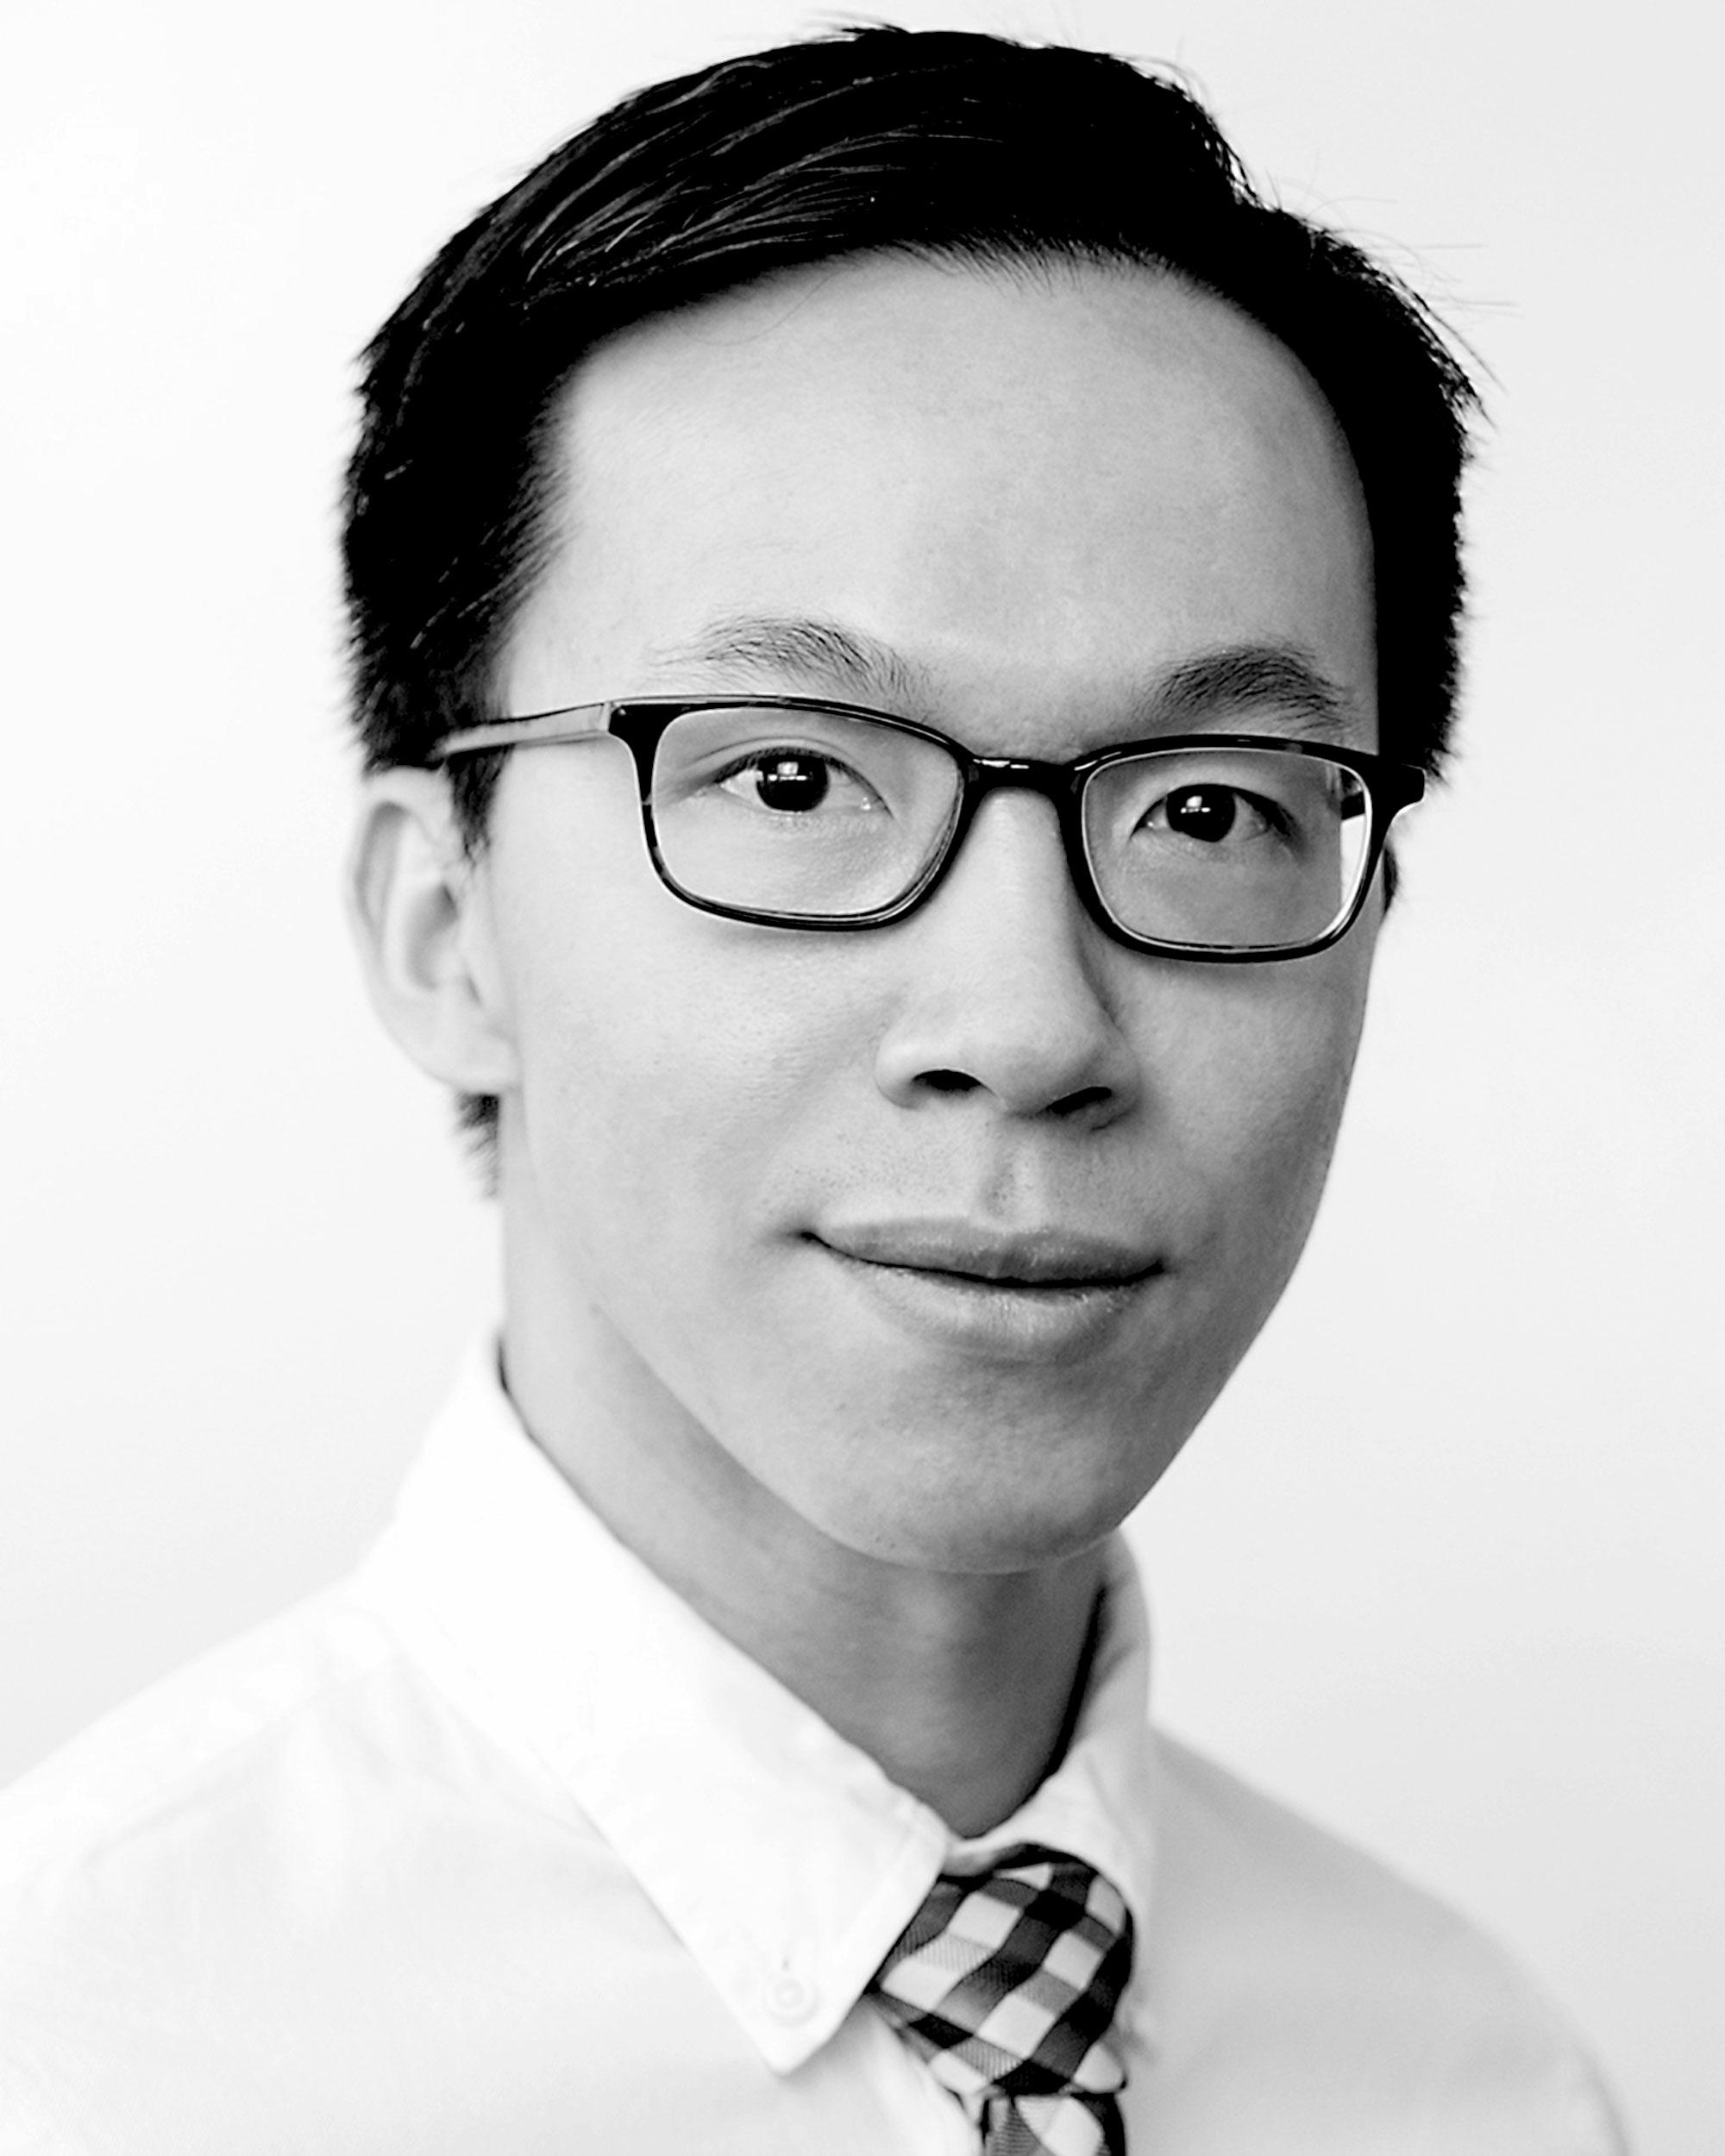 Headshot of David Duong